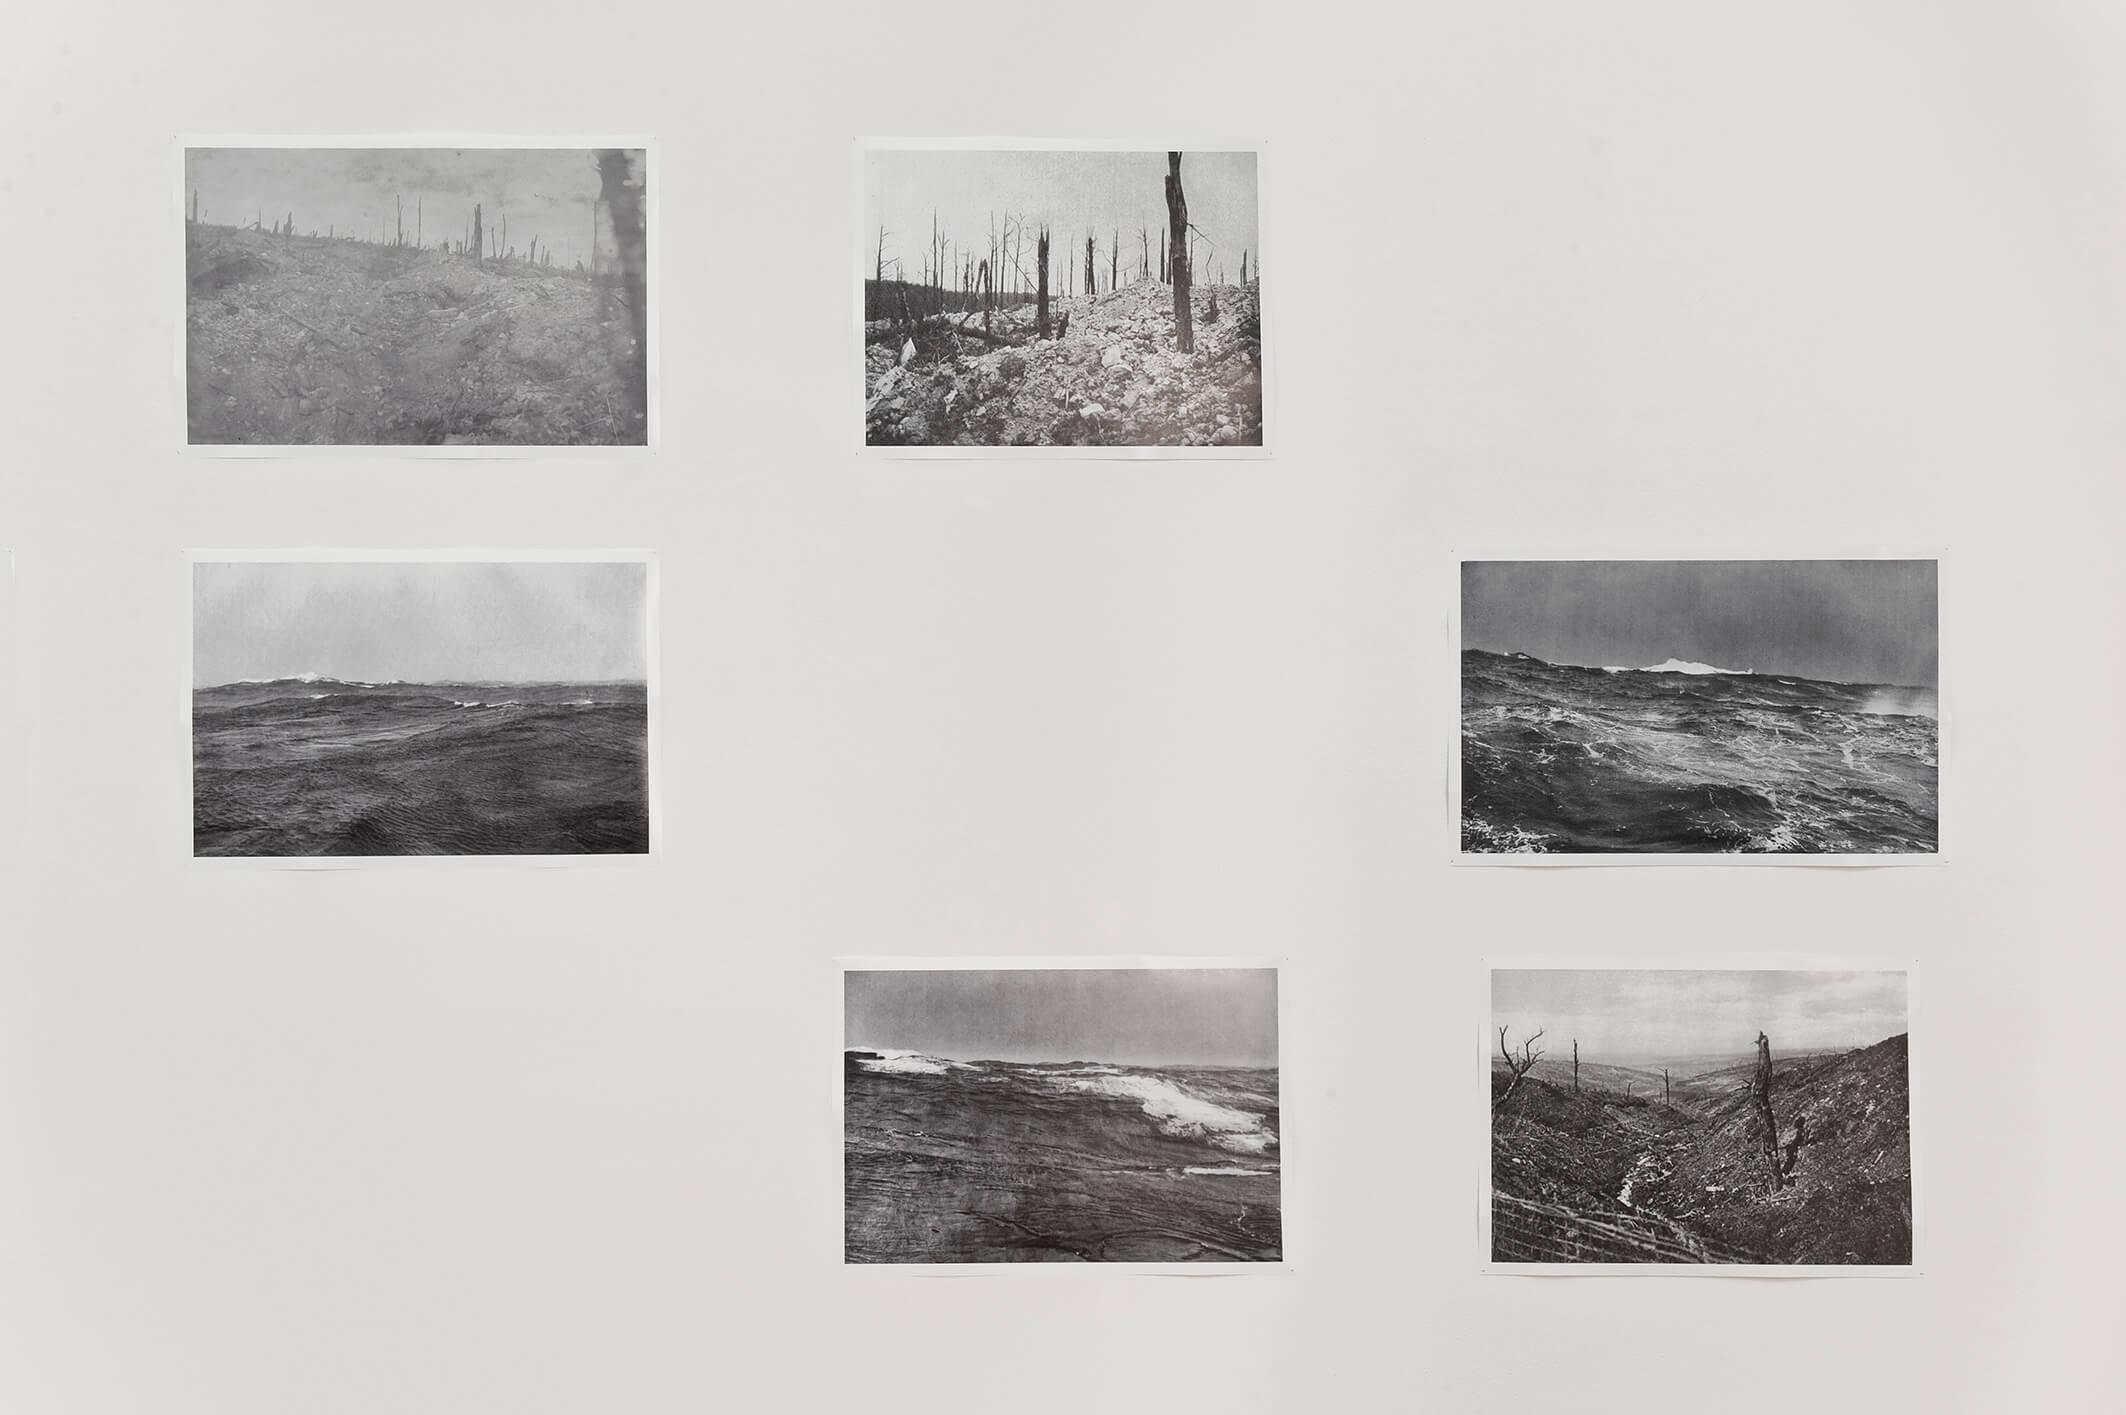 Immer Noch Sturm (Still Storming), 2011 (Group #4) | Immer Noch Sturm | ProjecteSD